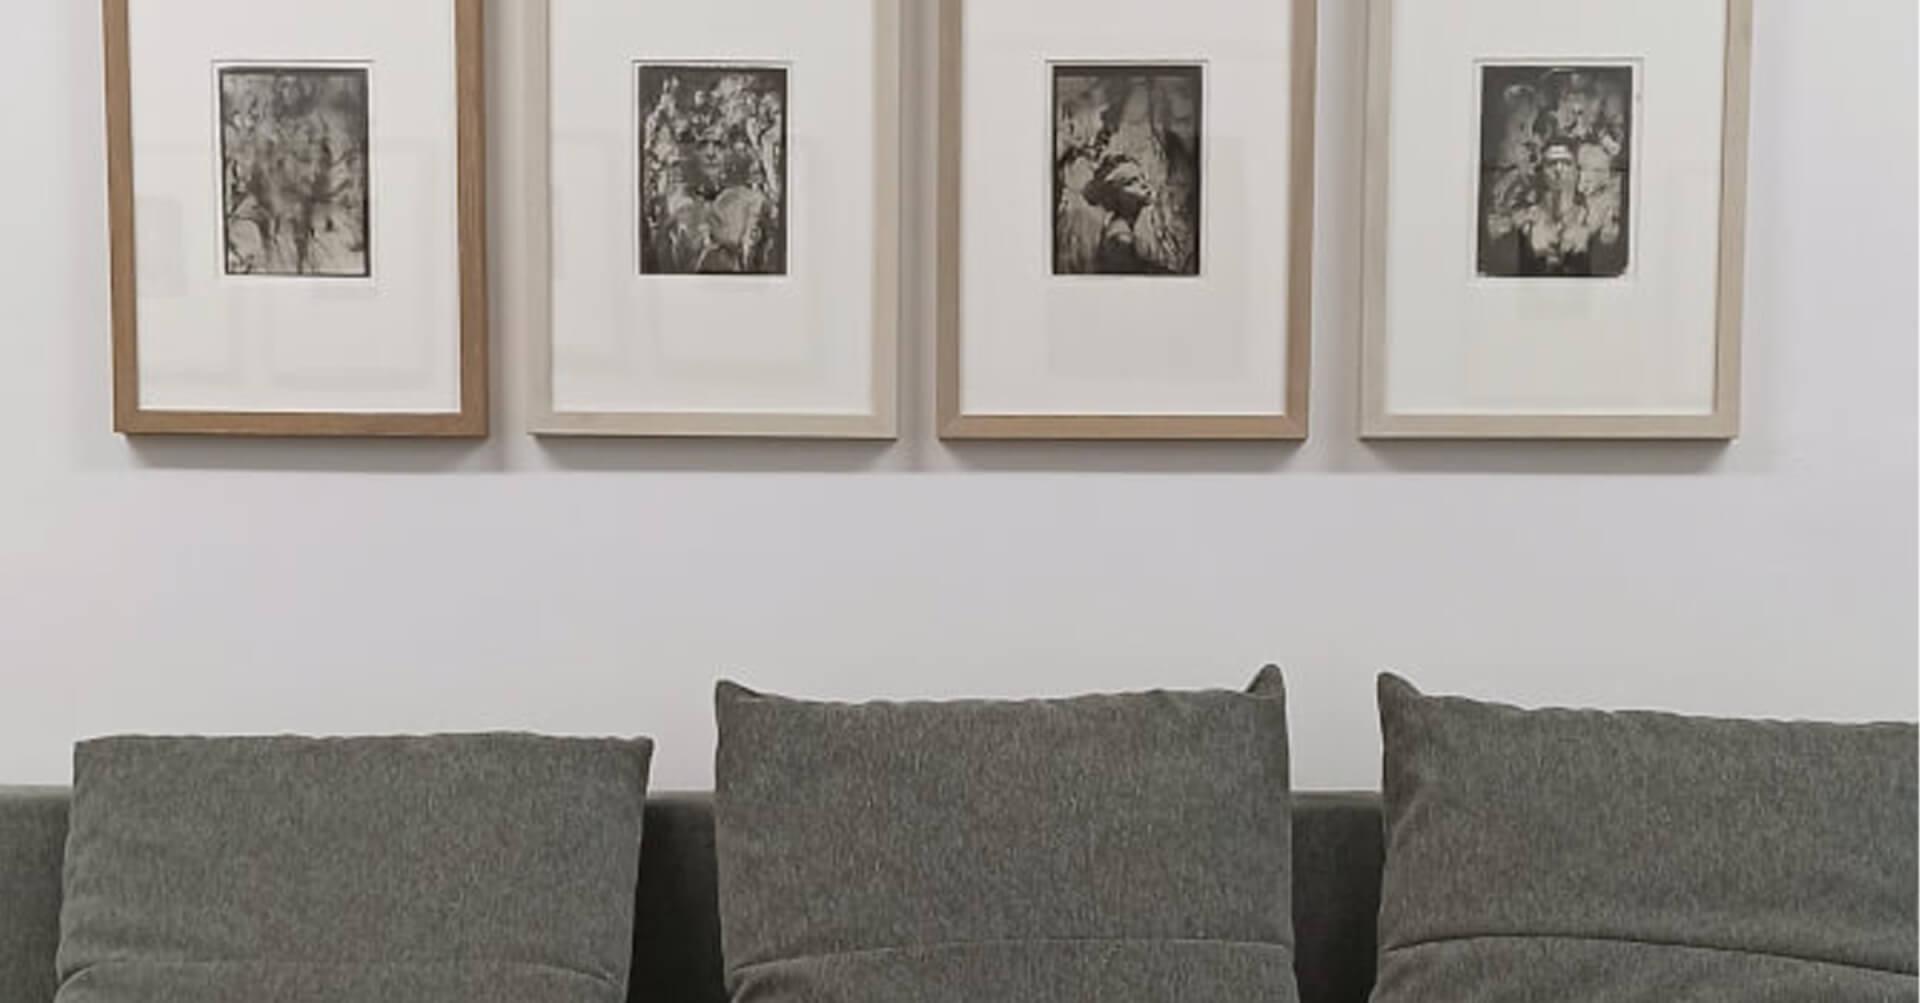 5 Tipps für das perfekte Bild über der Couch mit Anna Franek